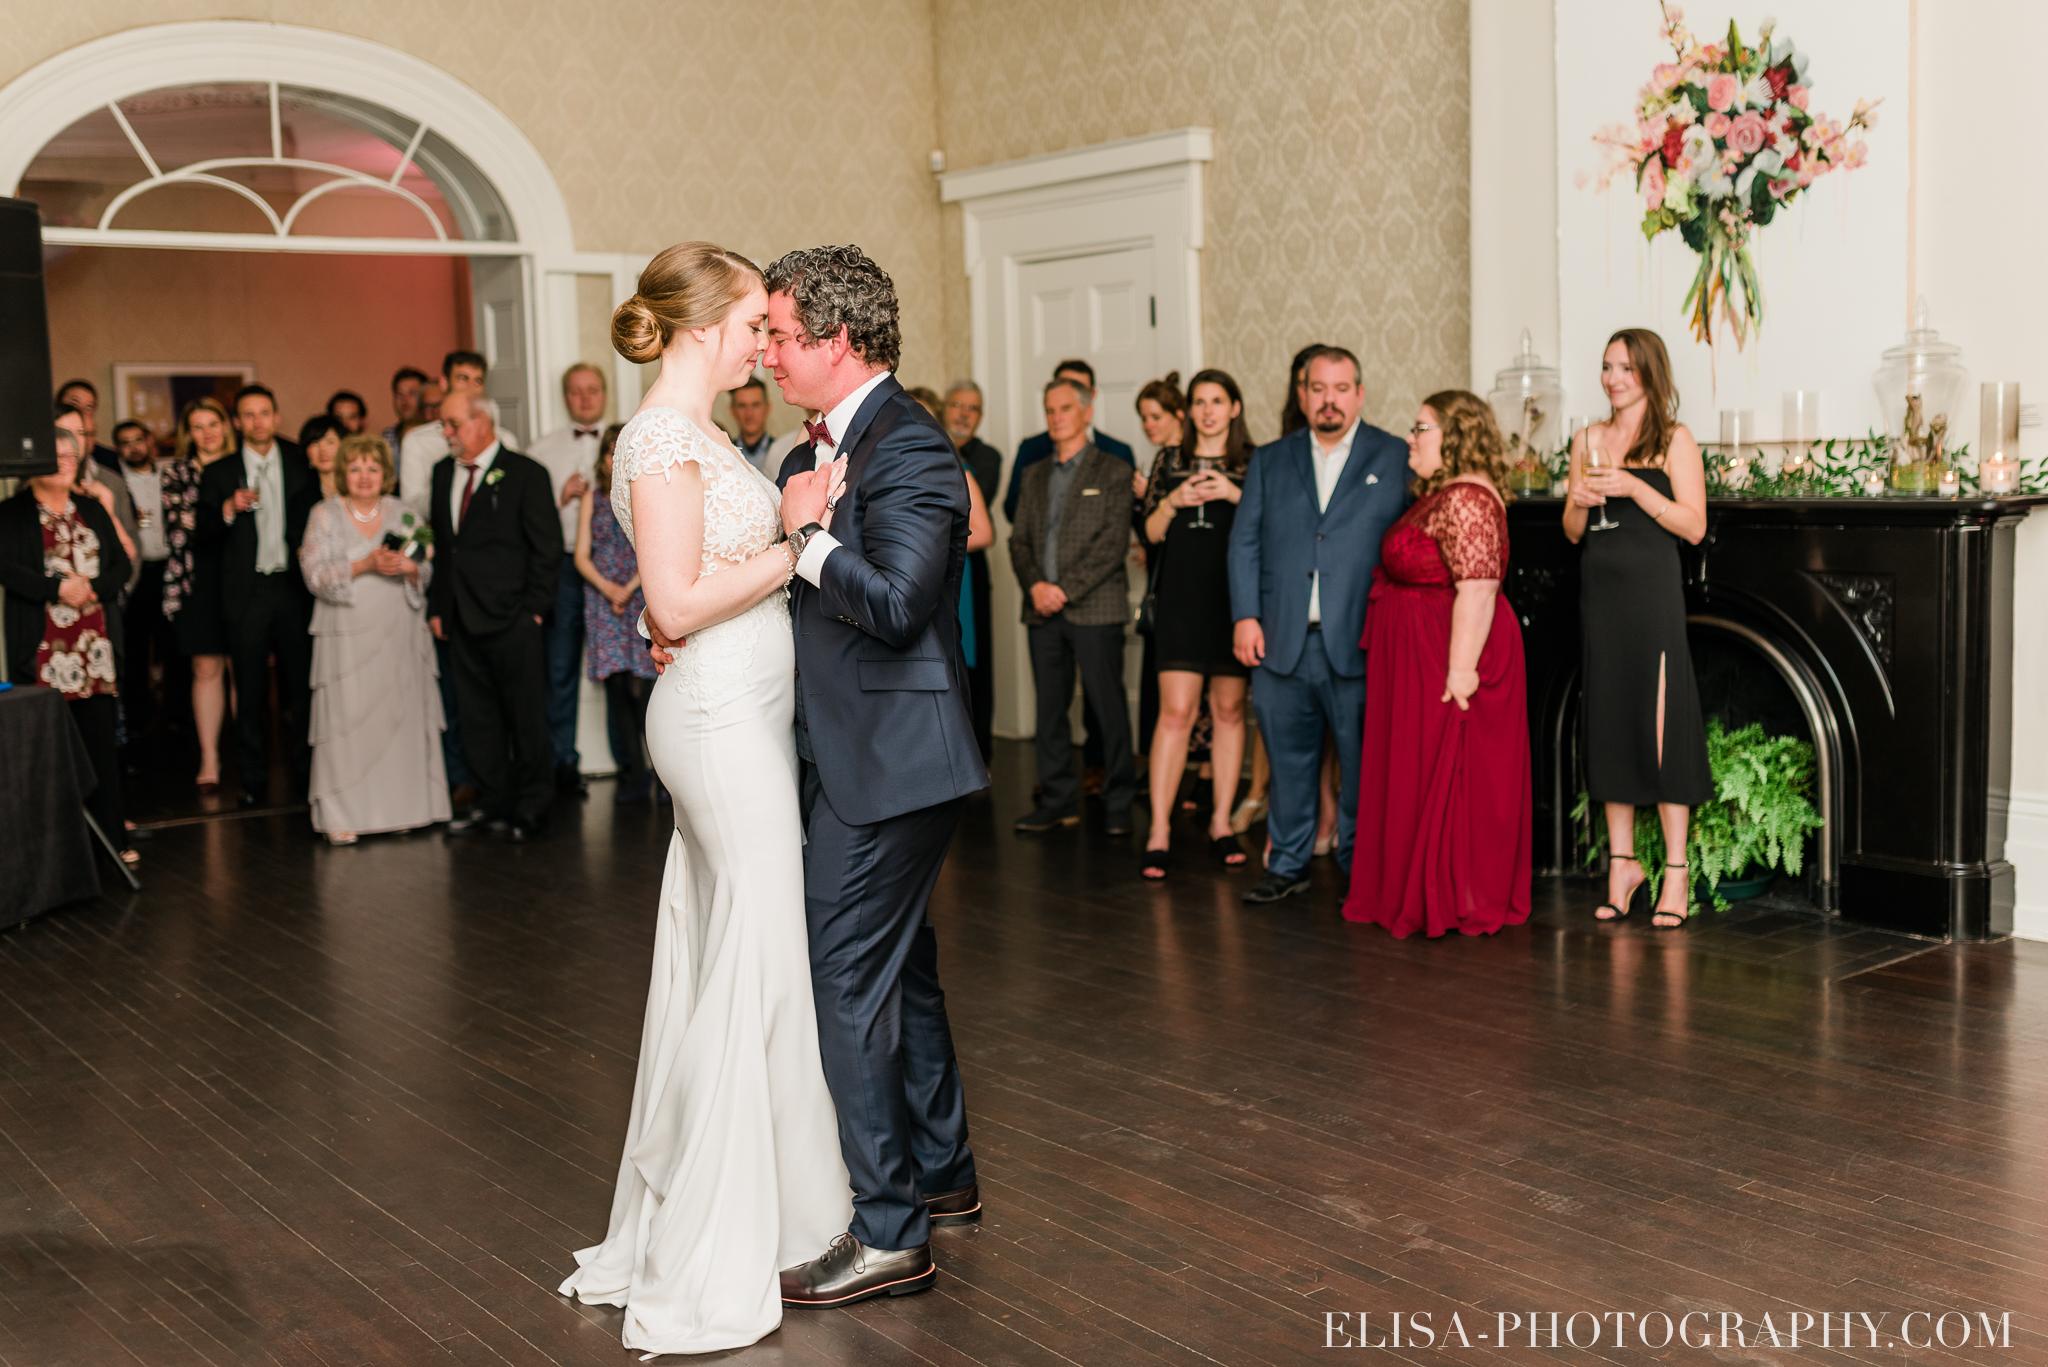 photo mariage reception premiere danse domaine cataraqui centres de table elisa photographe 1509 - Mariage élégant et discret au coeur du magnifique Domaine Cataraqui, Québec